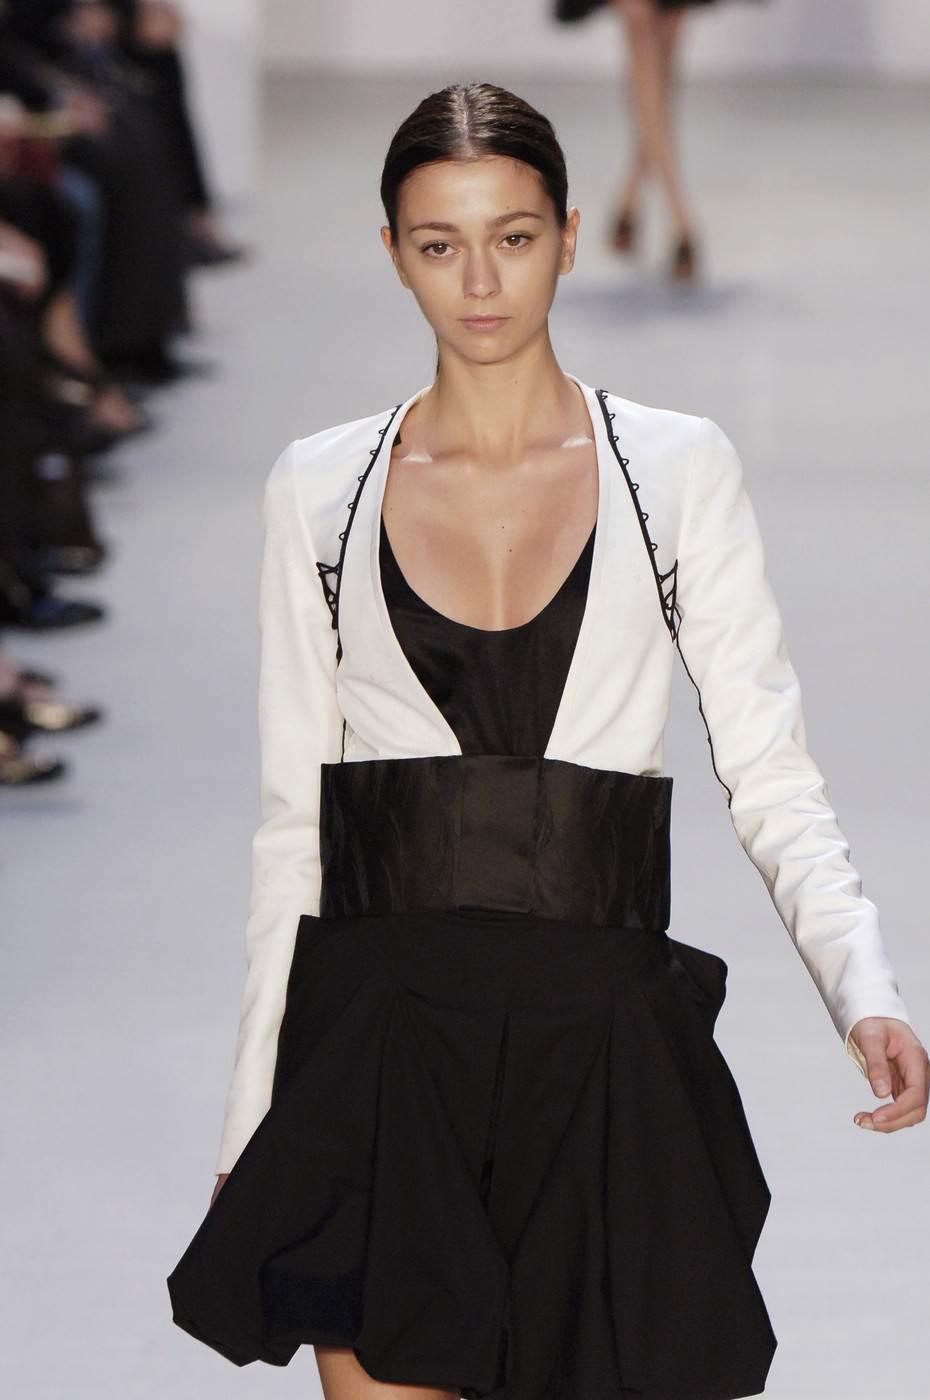 【外人】真木よう子に激似のフランス人モデルのモルガン・デュブレ(Morgane Dubled)乳首もろ出しでキャットウォークしてるポルノ画像 741